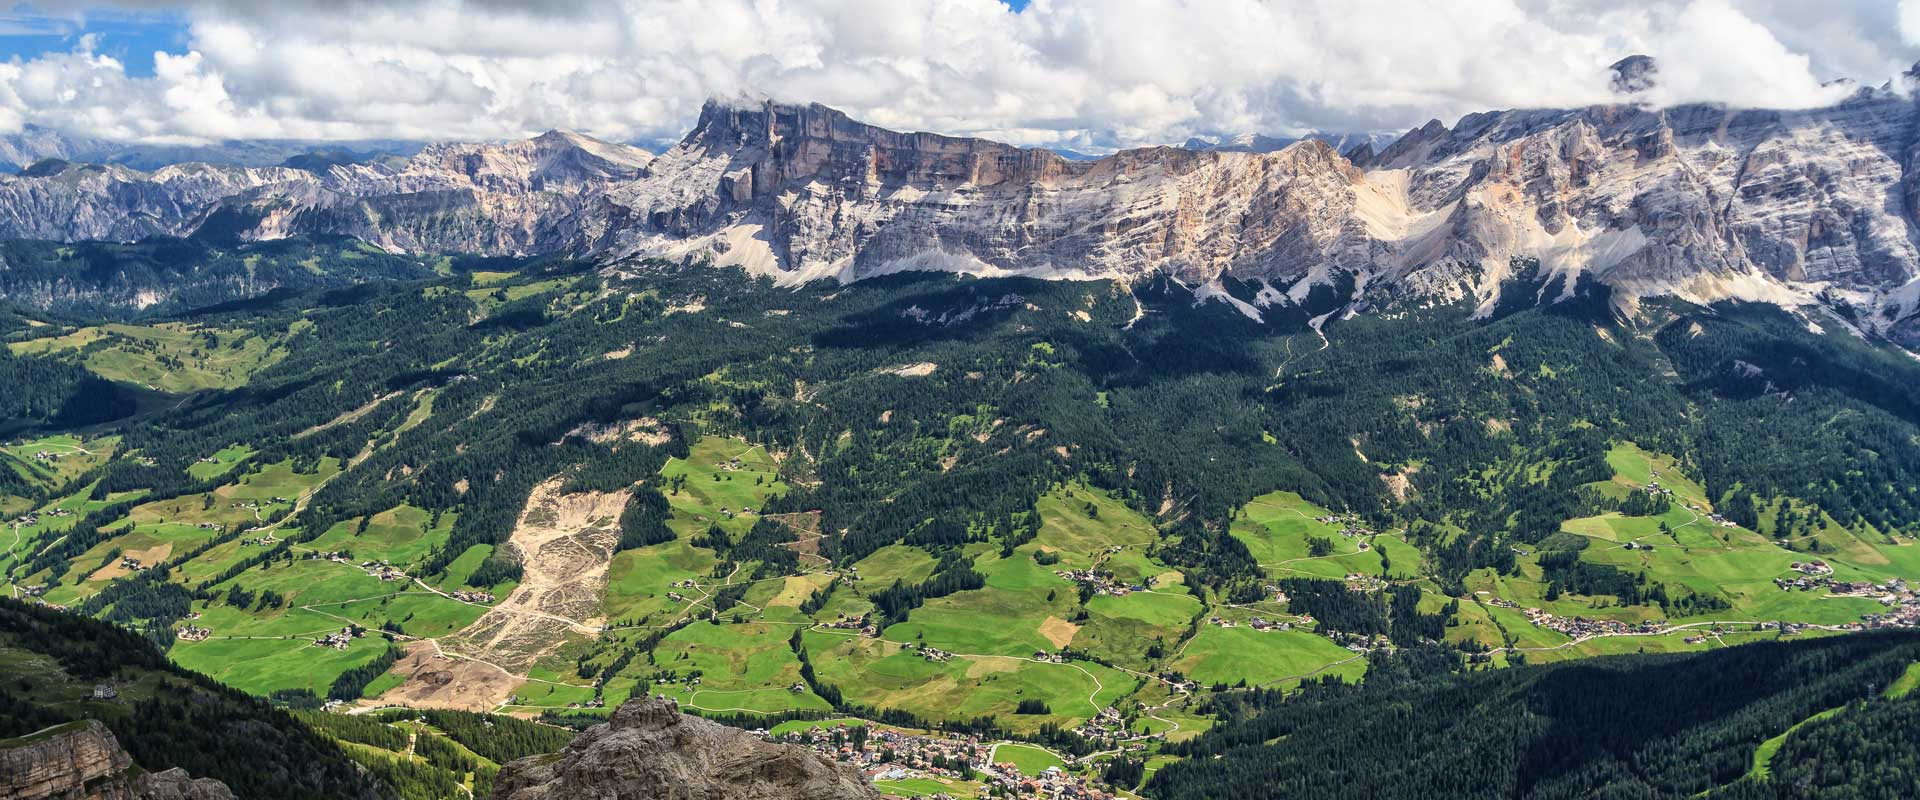 Dolomites: Val Badia hiking